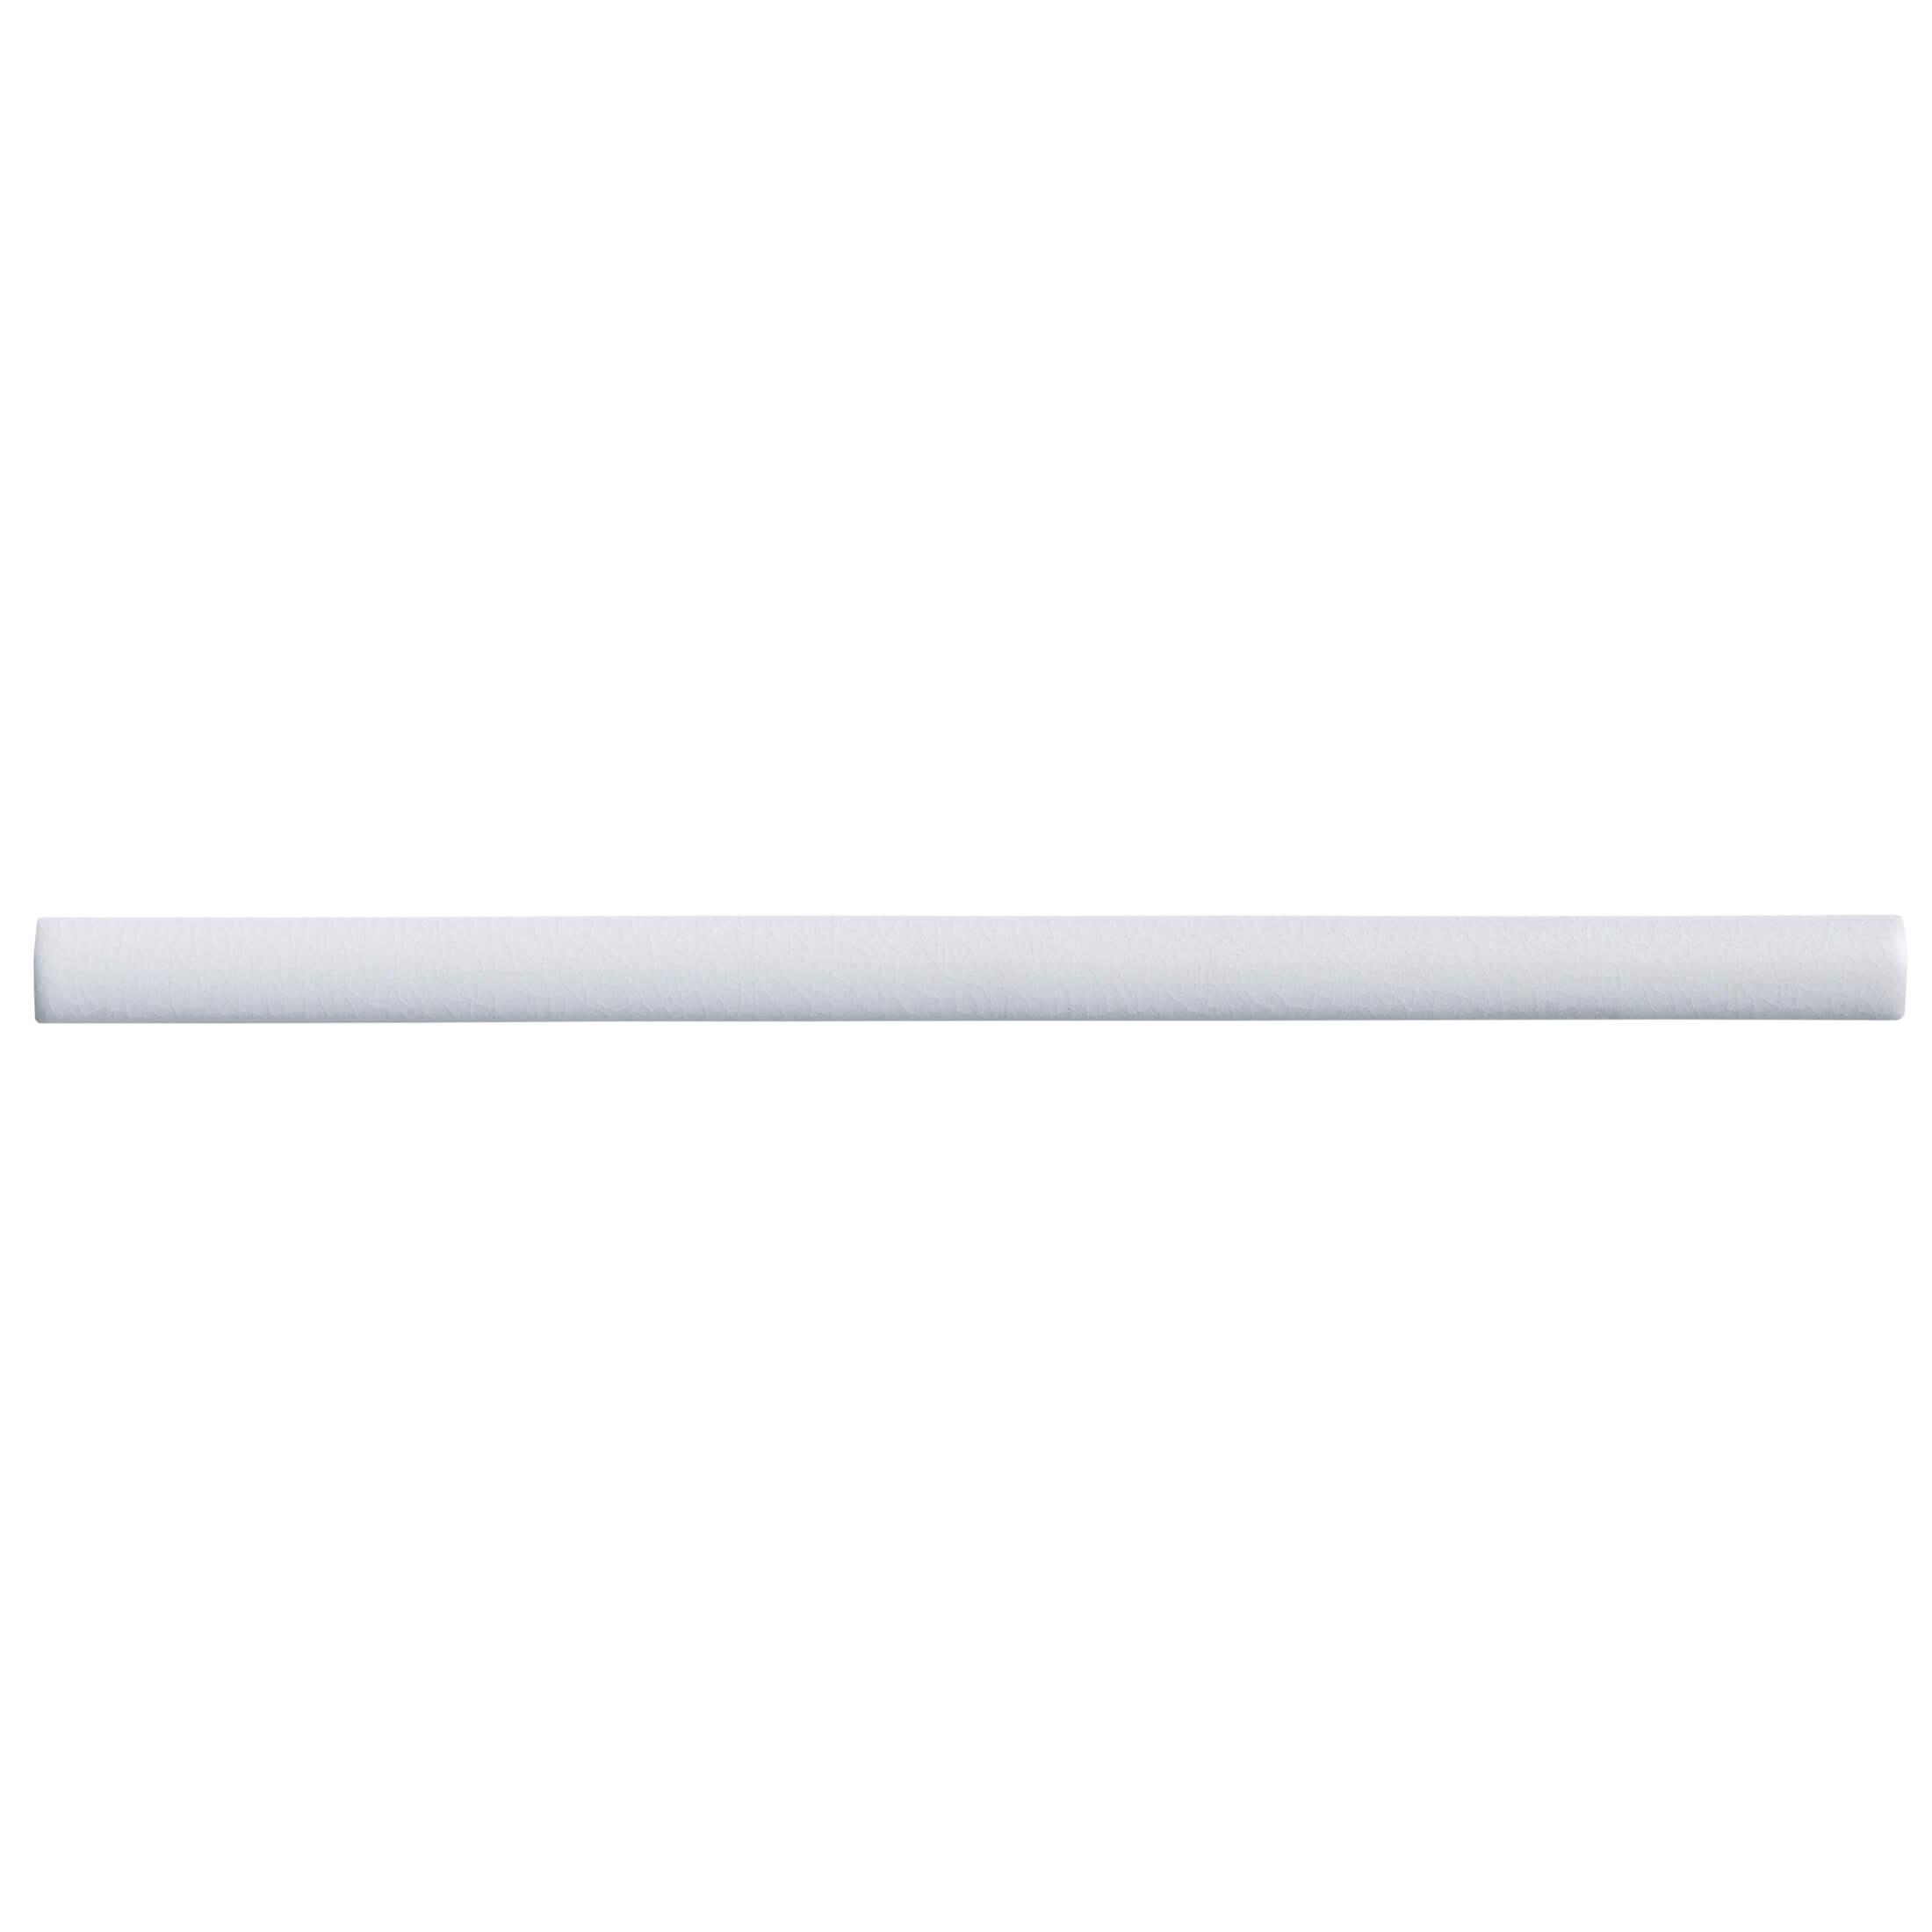 ADEH5032 - BULLNOSE TRIM - 1.4 cm X 30 cm